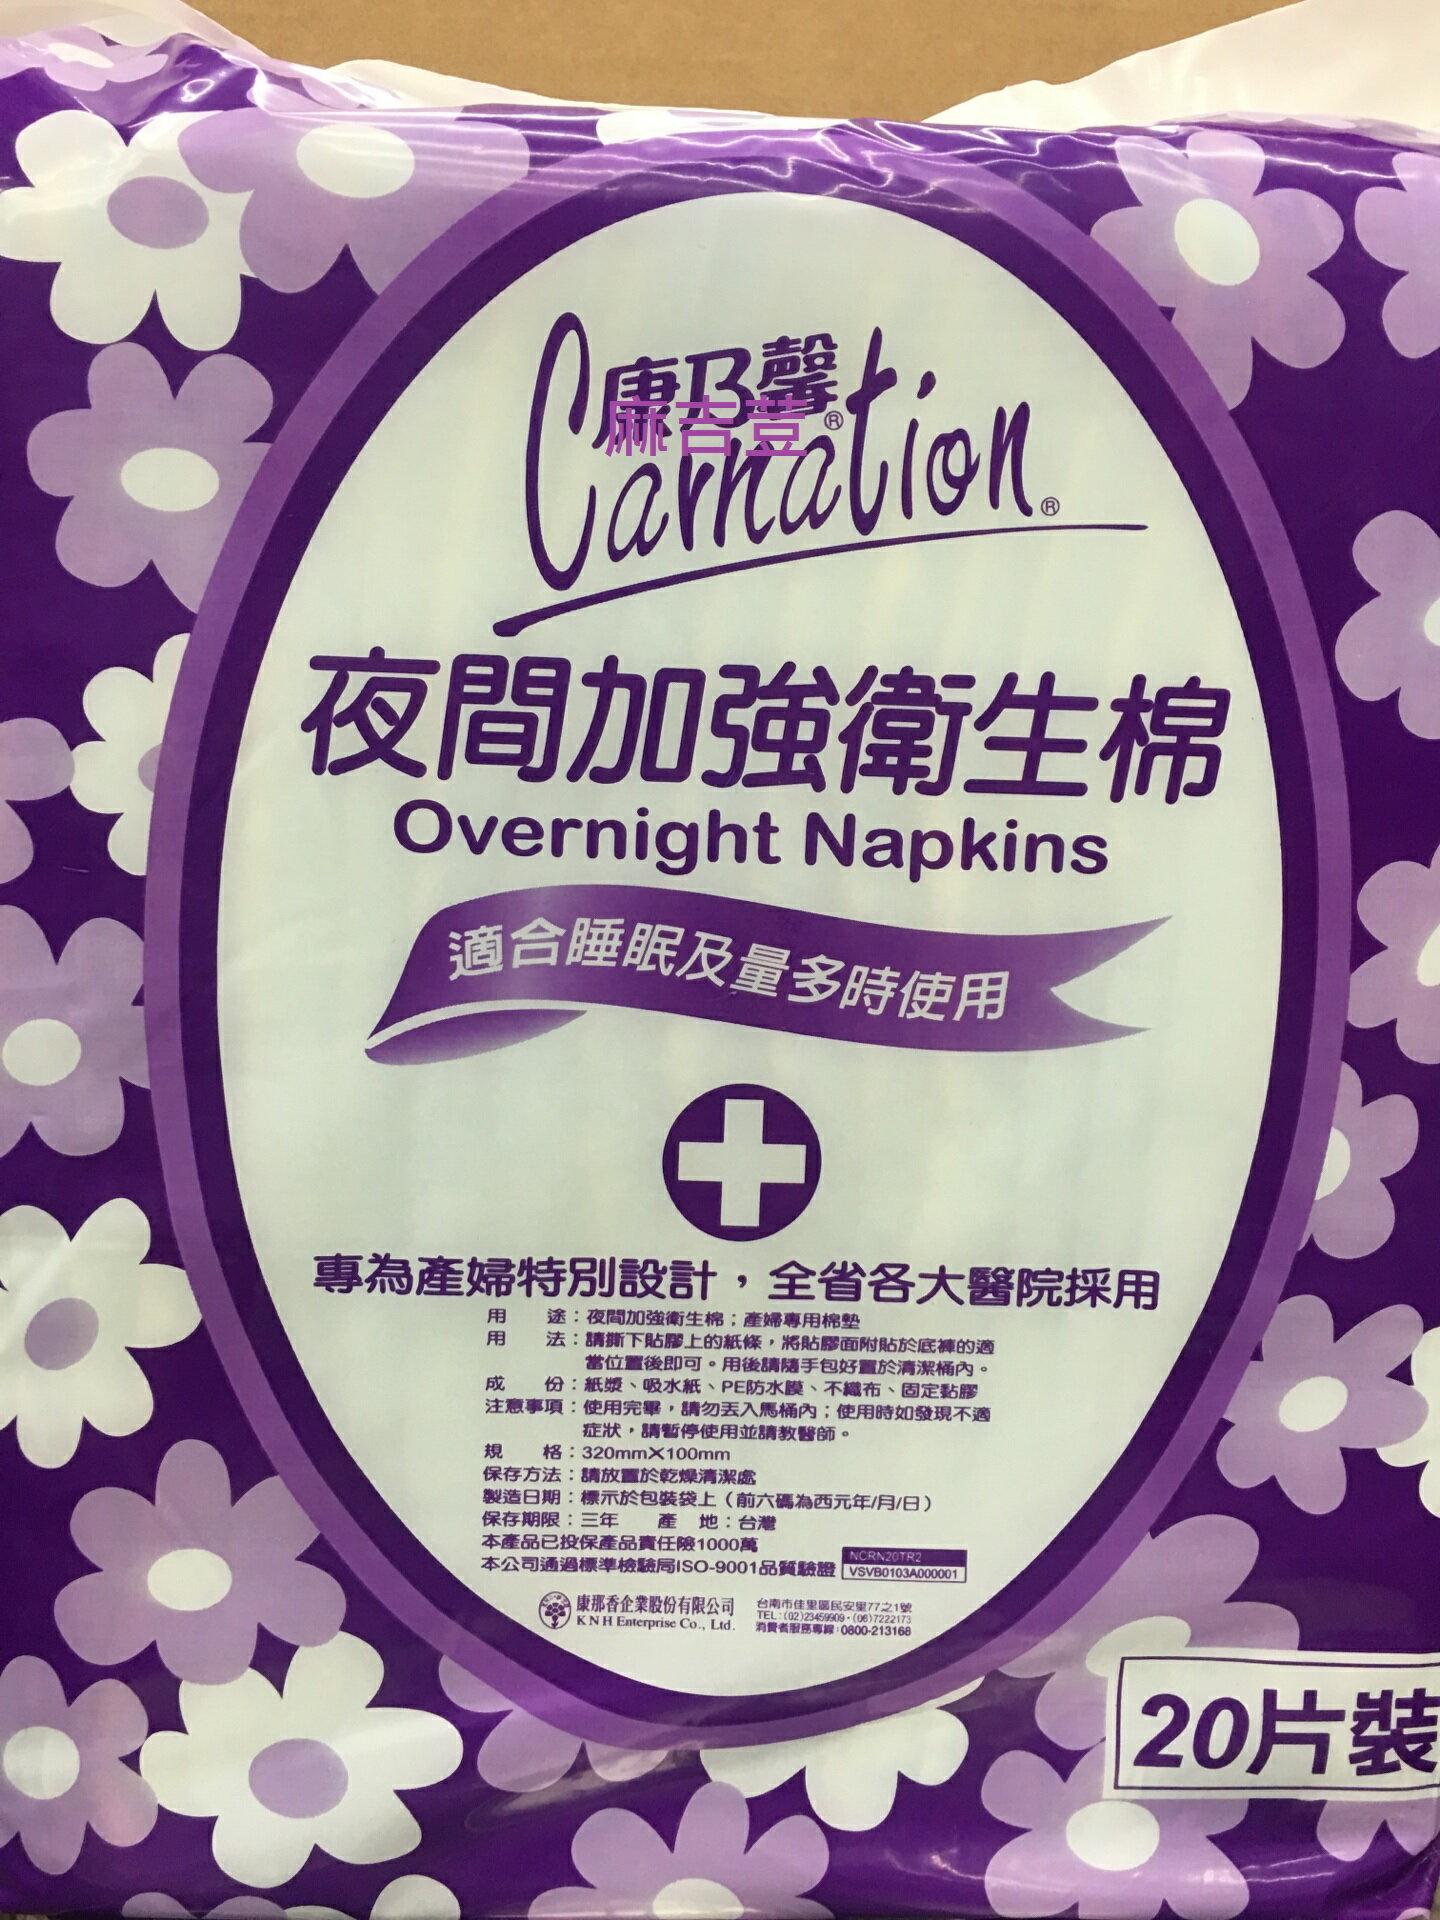 康那香康乃馨產婦專用衛生棉20片入 適合睡眠及量多時使用100mmX320mm 可搭包大人/安安/添寧濕巾看護墊使用